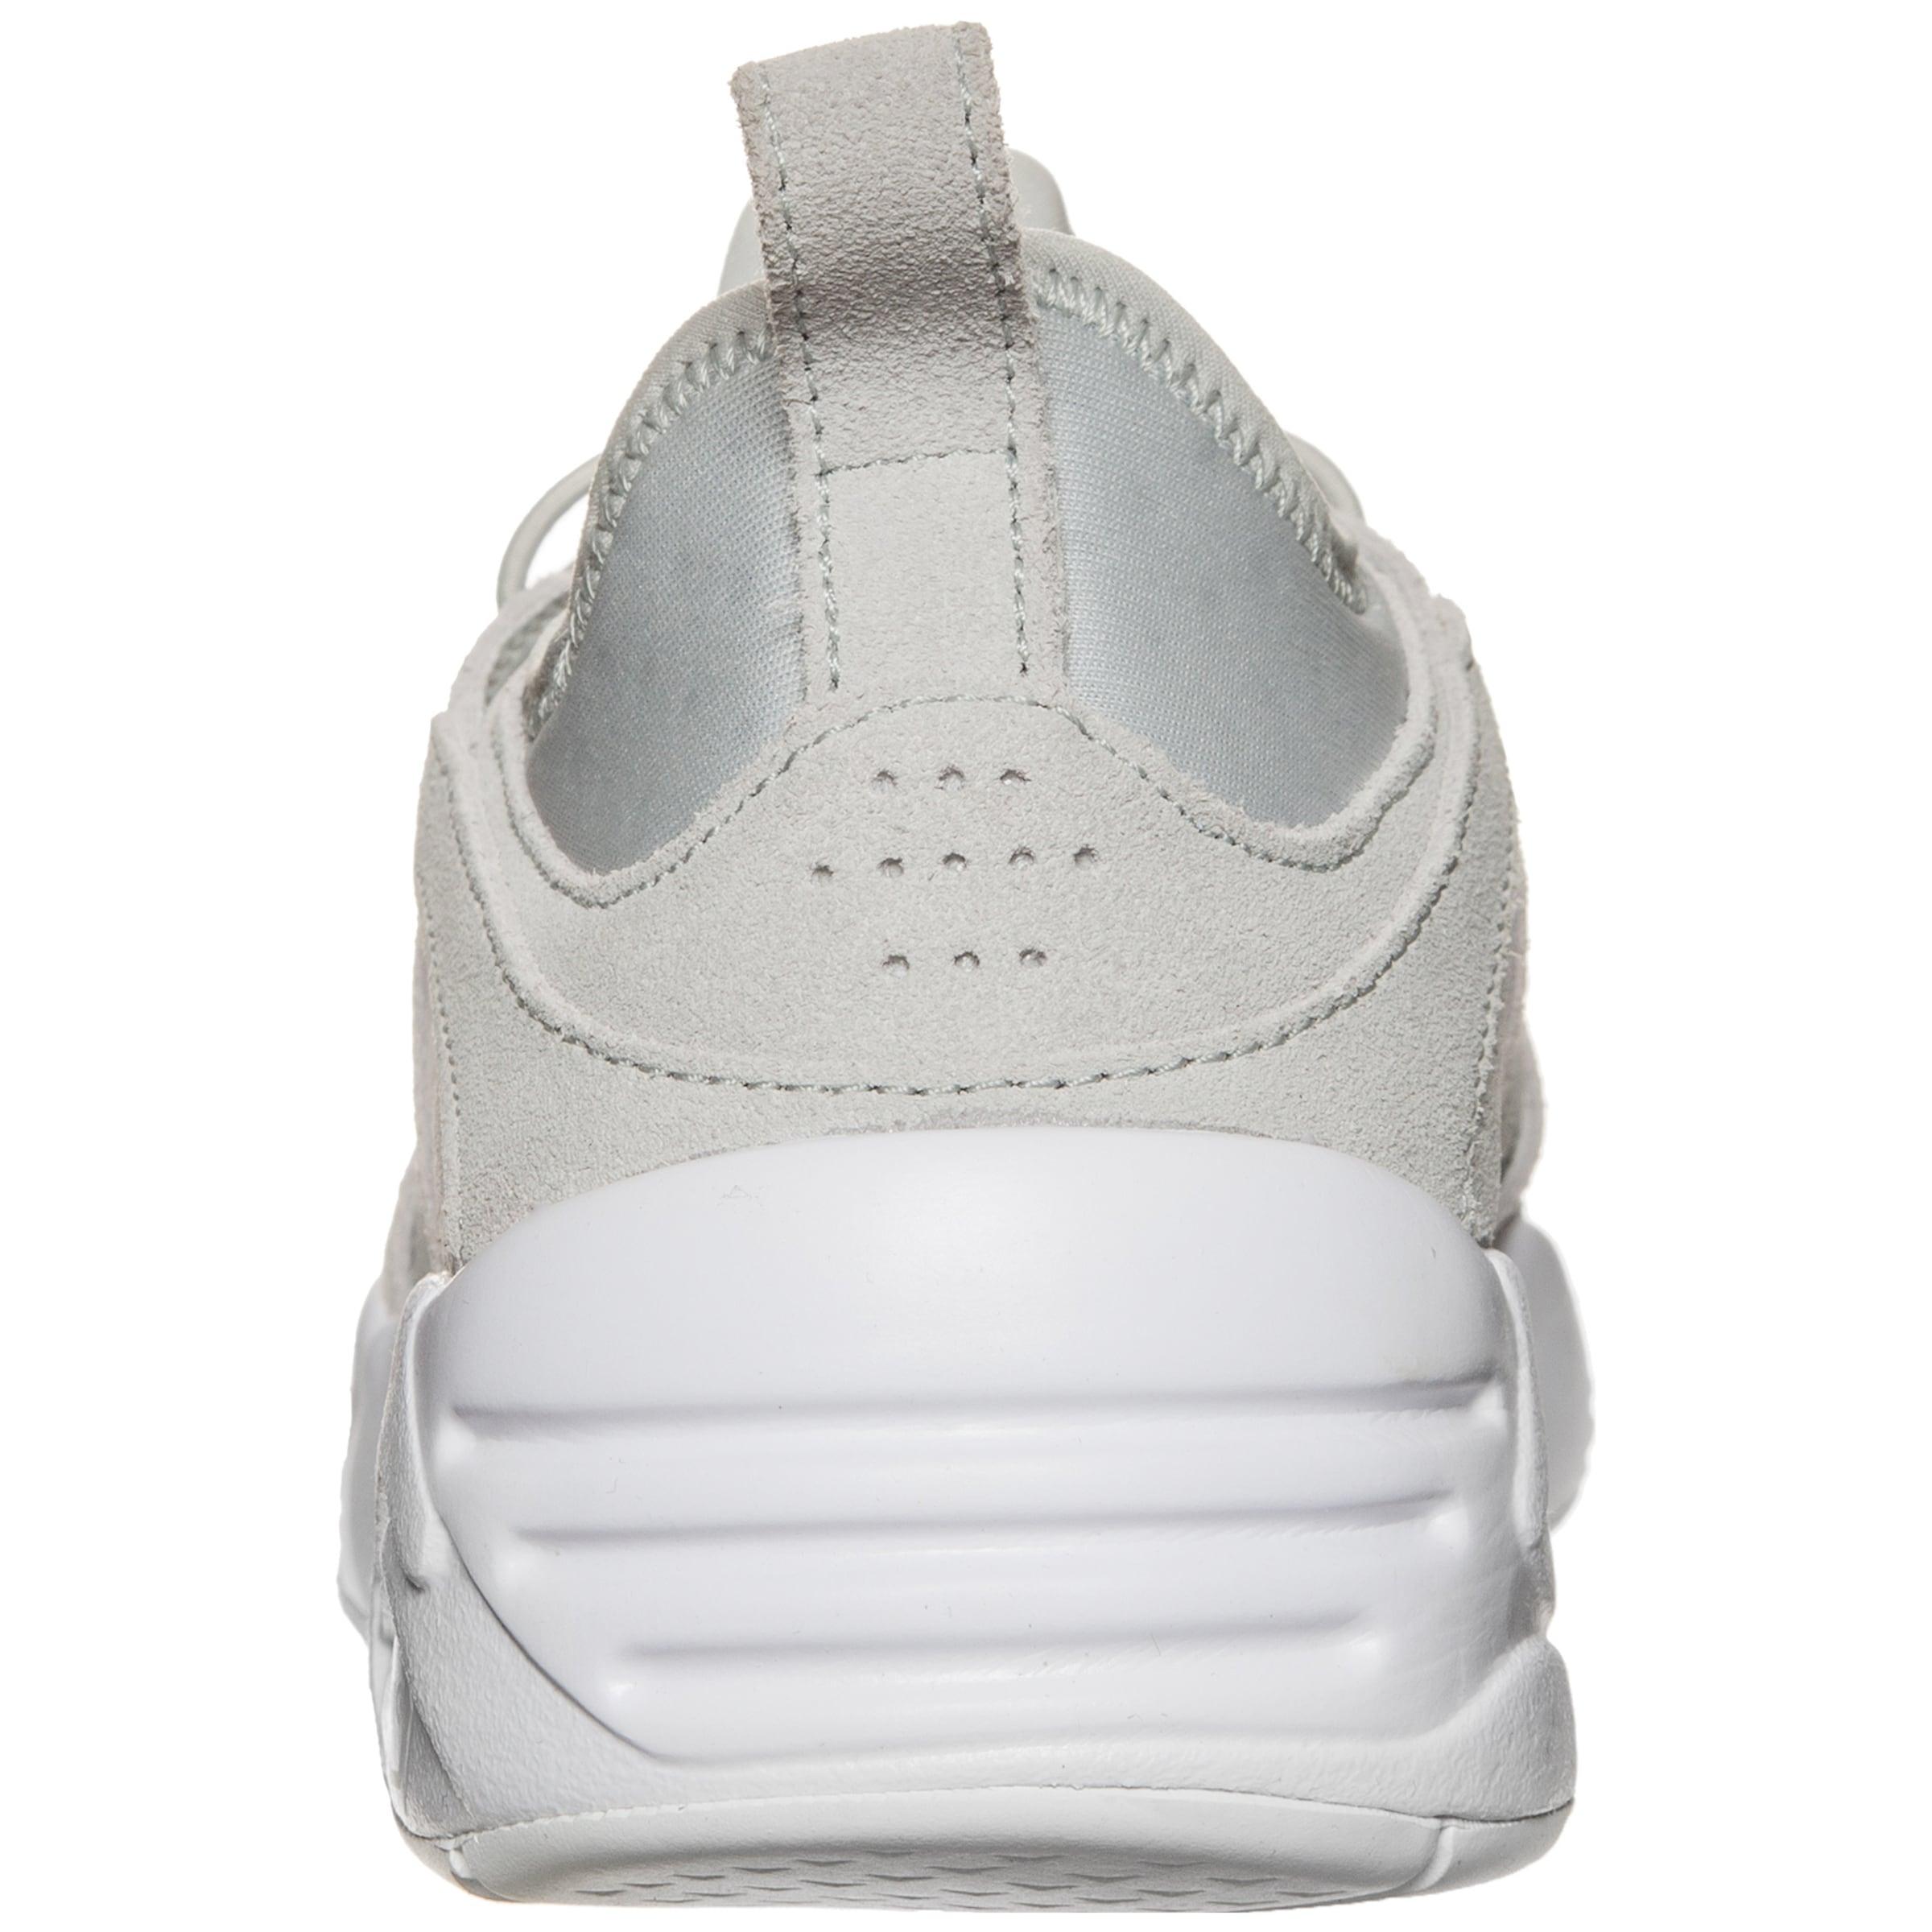 PUMA 'Blaze of Glory Soft' Sneaker Spielraum Billig Echt Steckdose Mit Paypal Online Bestellen Auslasszwischenraum Store Billig Verkauf Sammlungen Günstige Kaufladen TxZmawp9